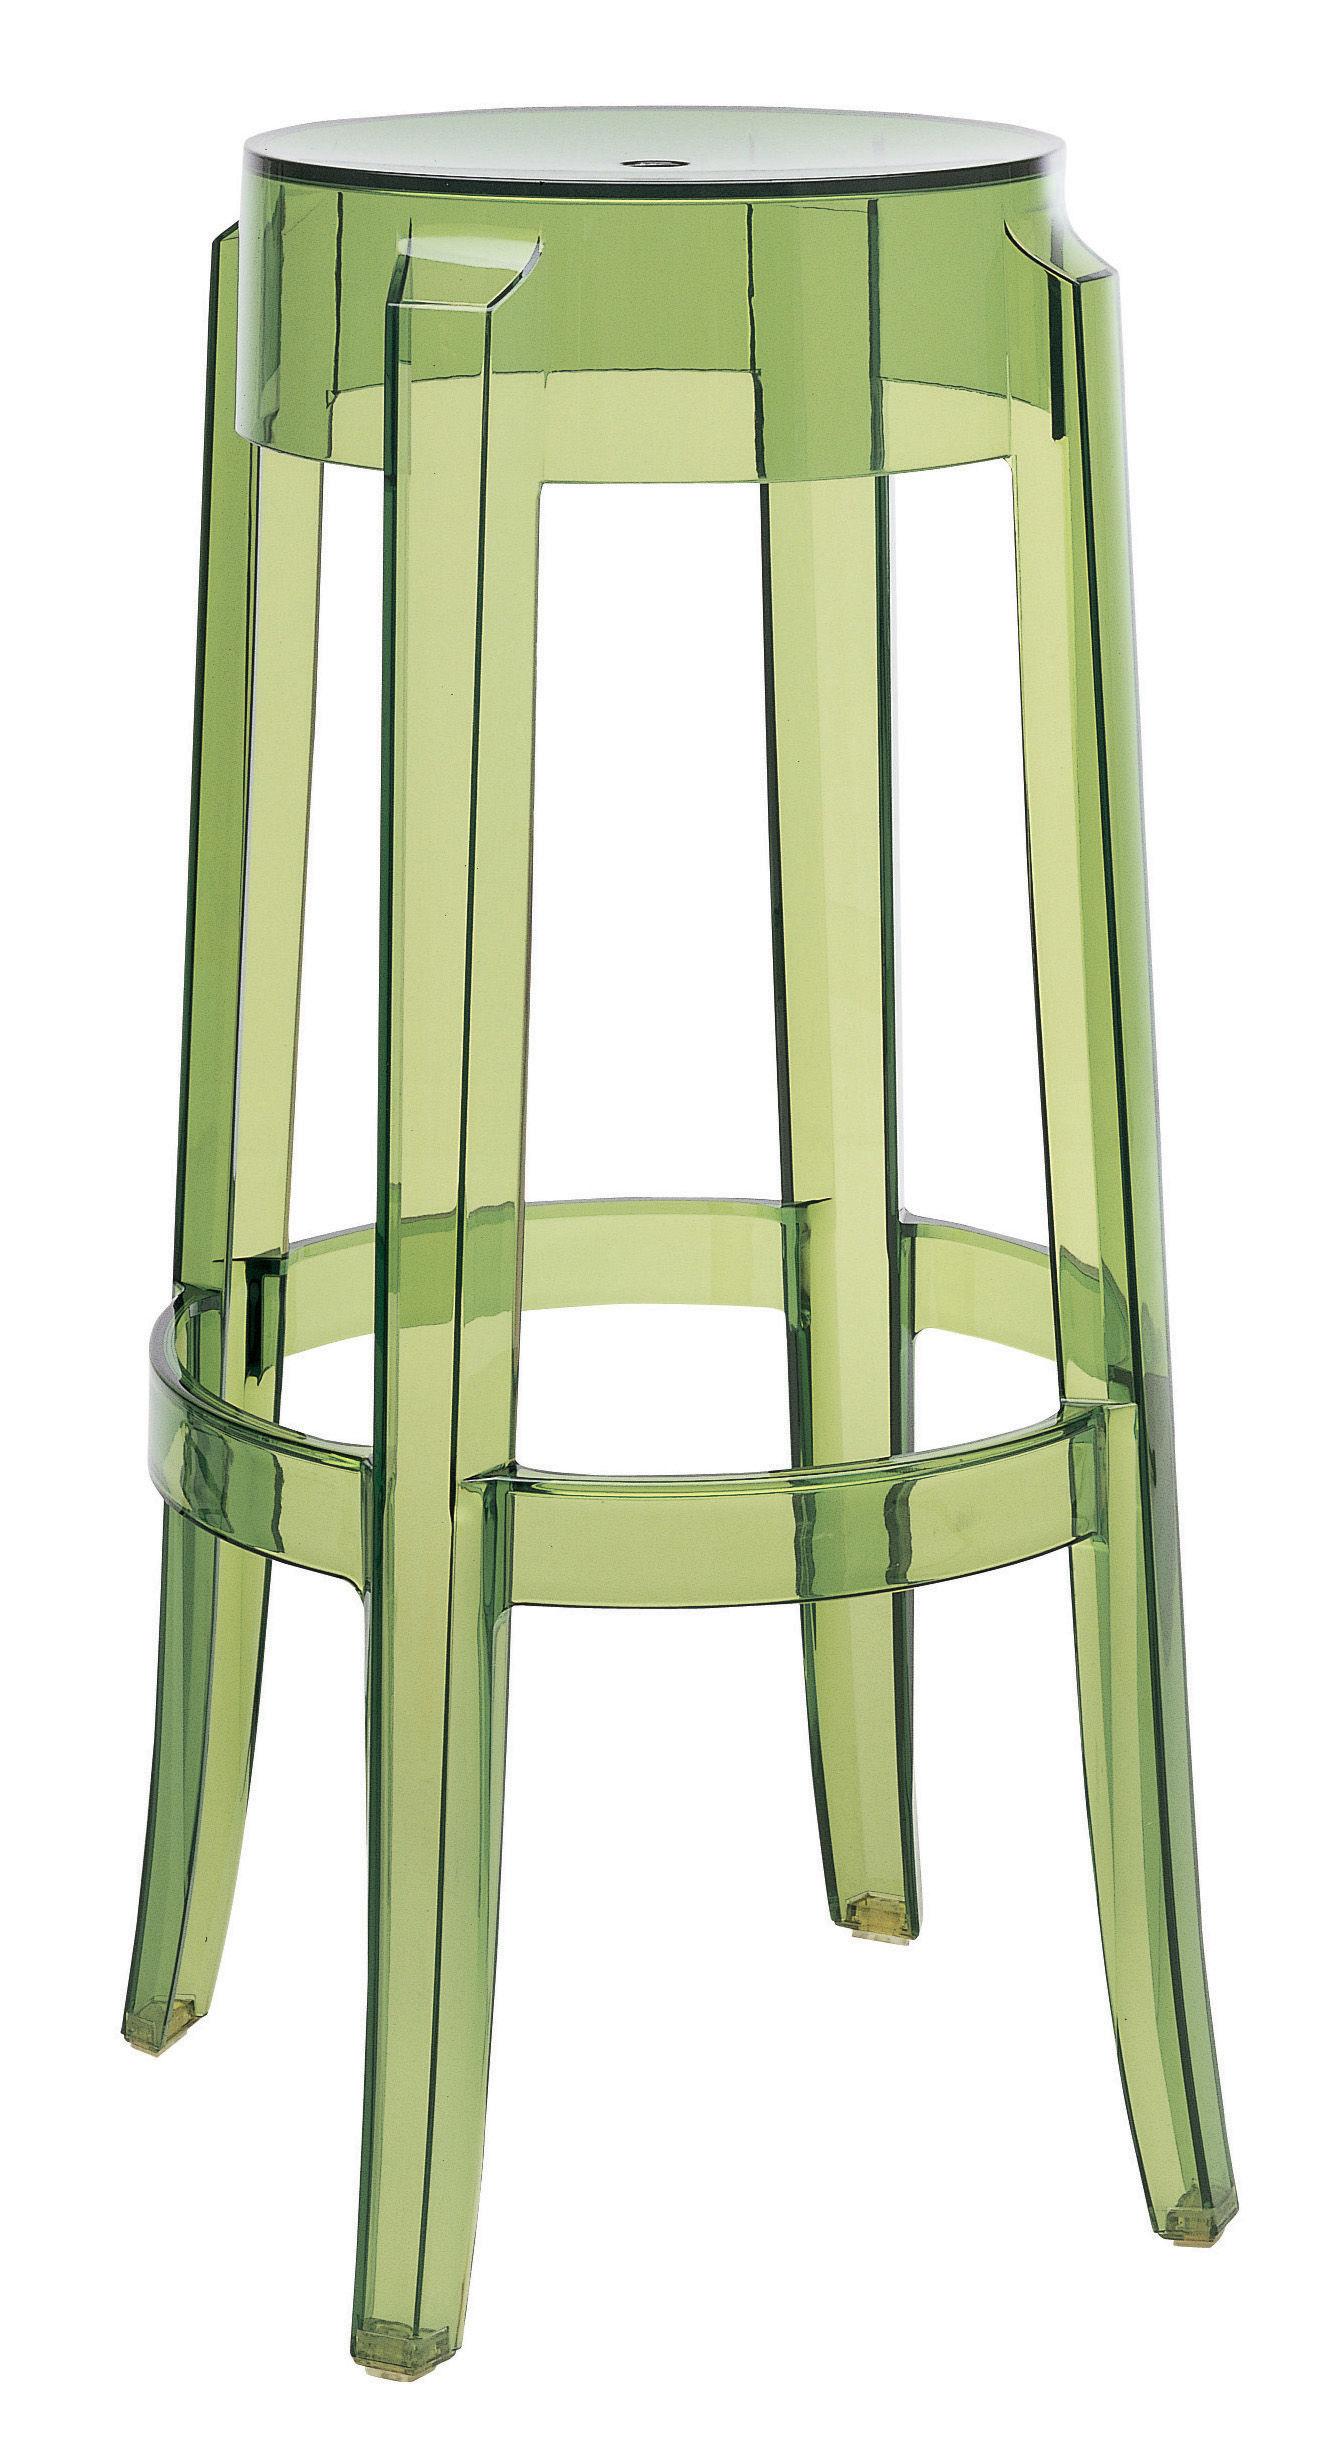 tabouret haut empilable charles ghost h 75 cm plastique vert kartell. Black Bedroom Furniture Sets. Home Design Ideas